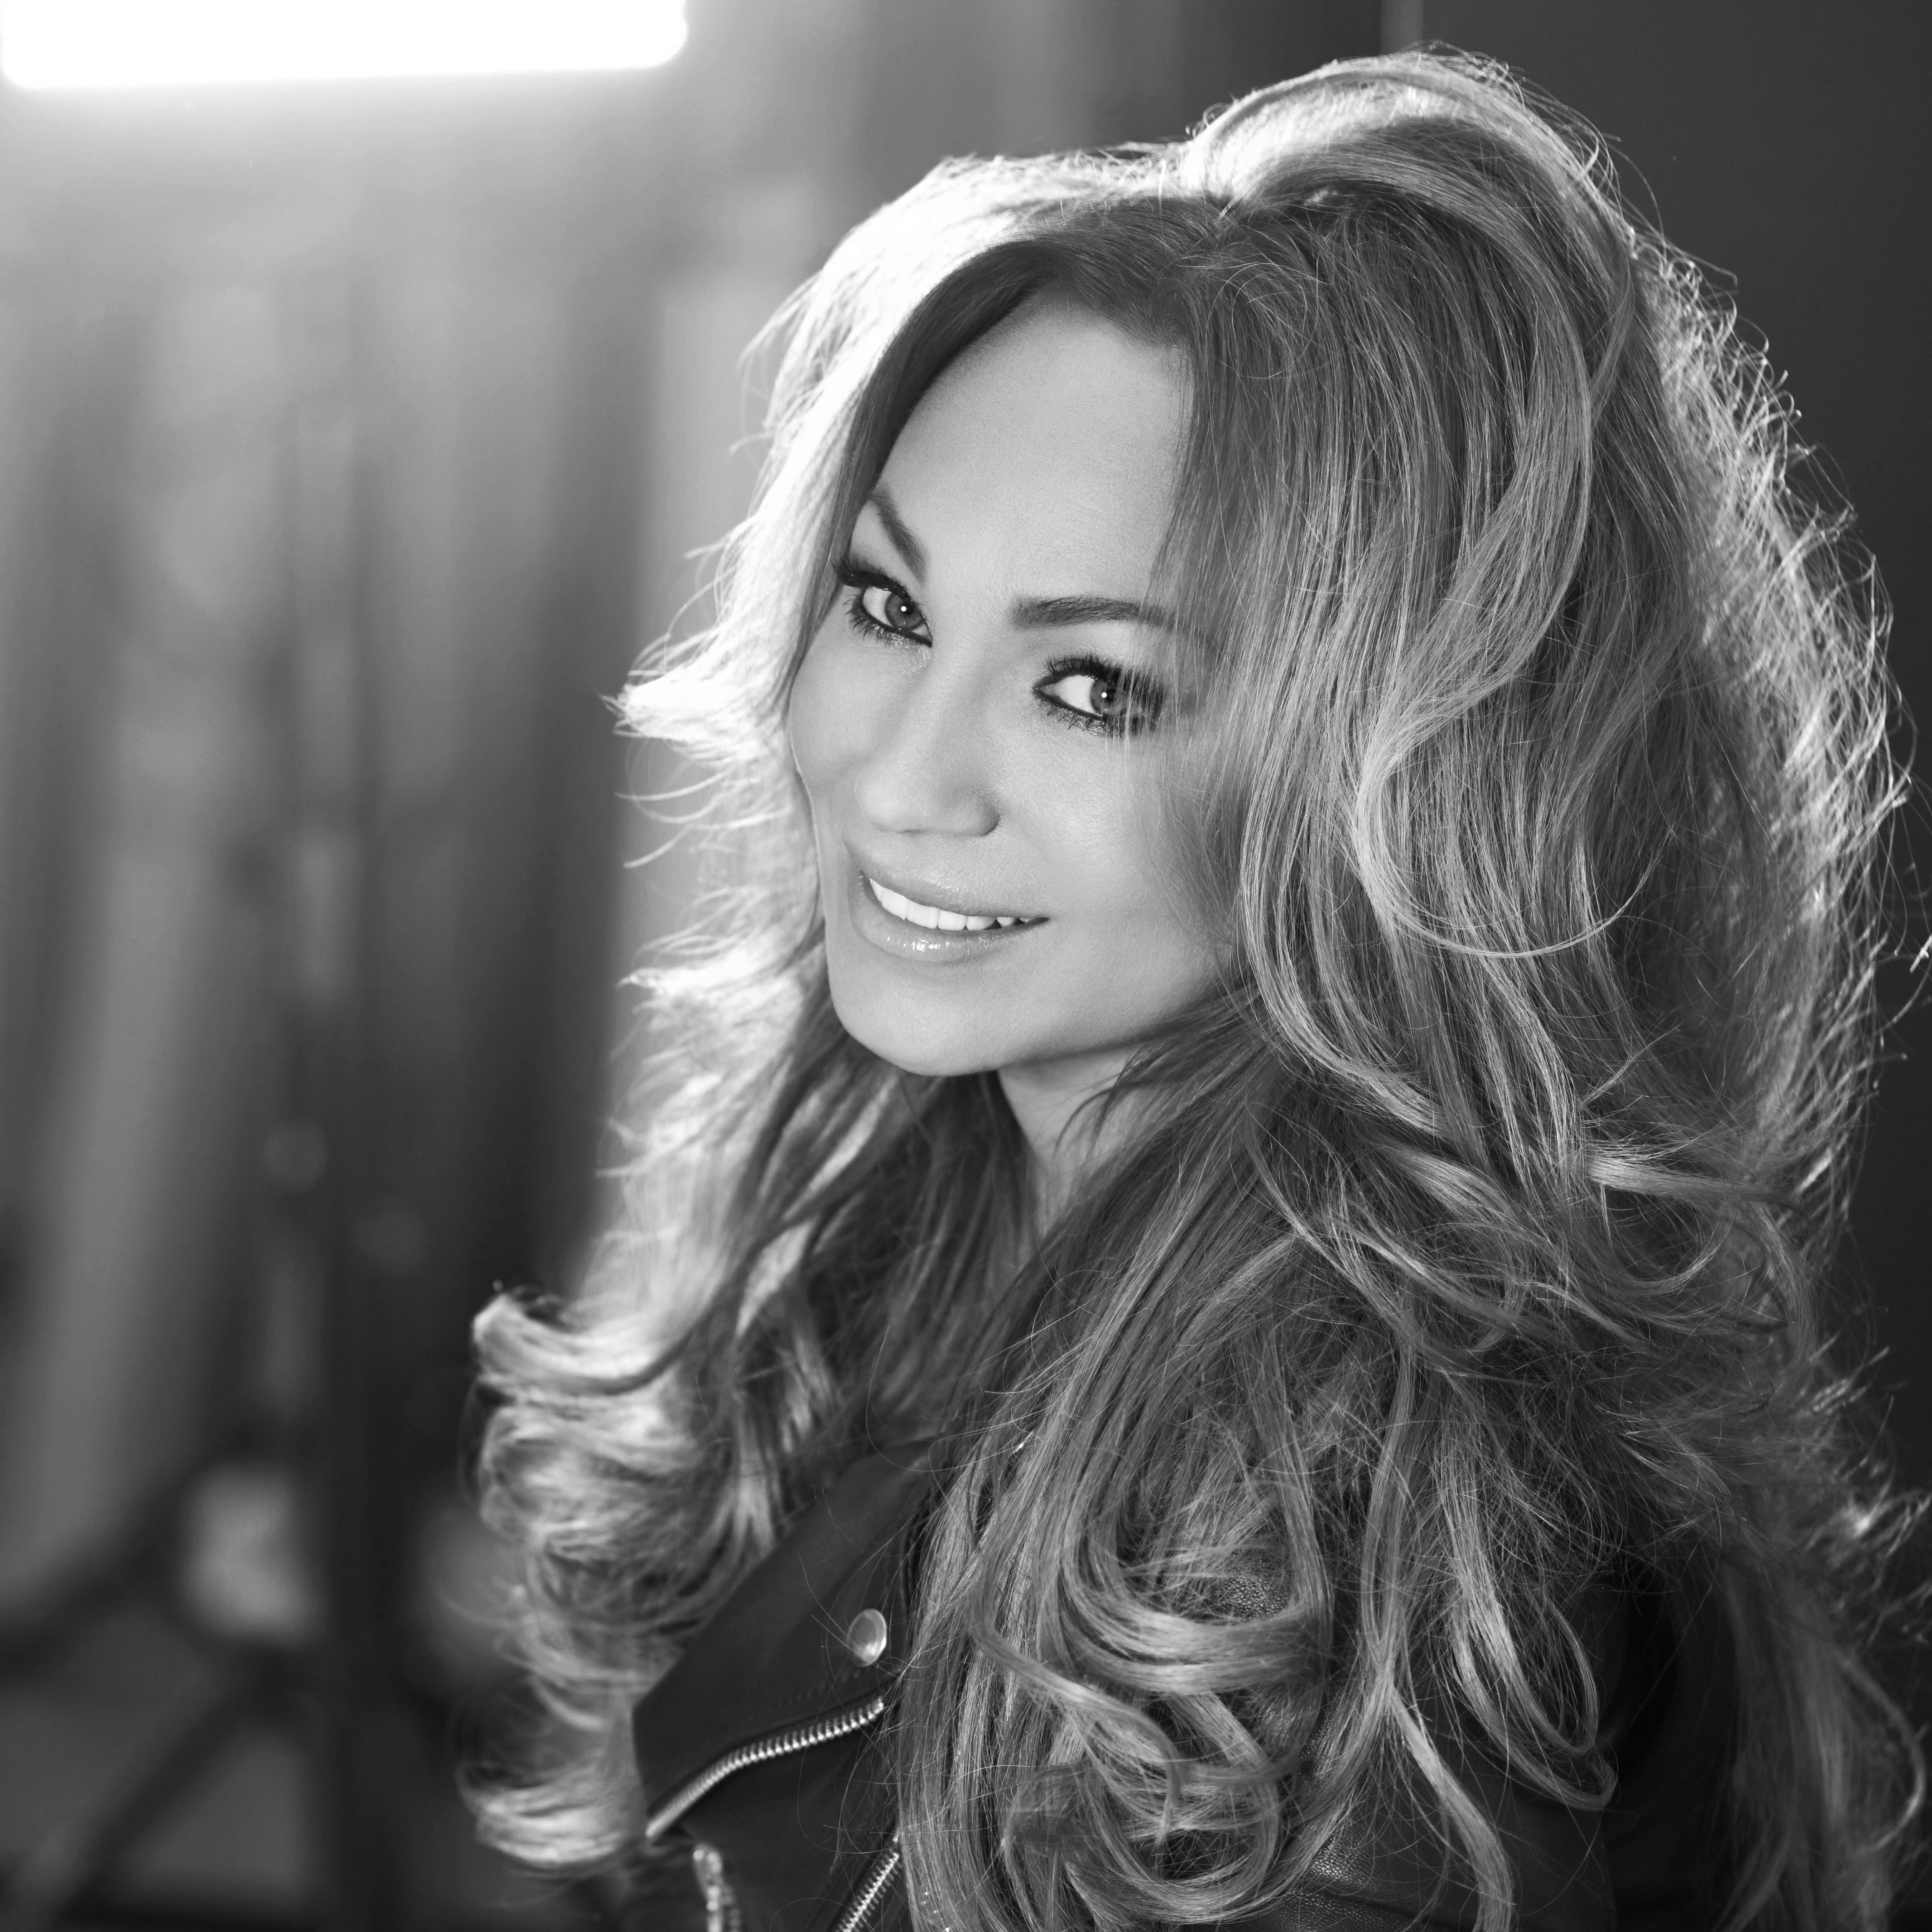 Musik: Charlotte Perrelli - Flickan från Småland